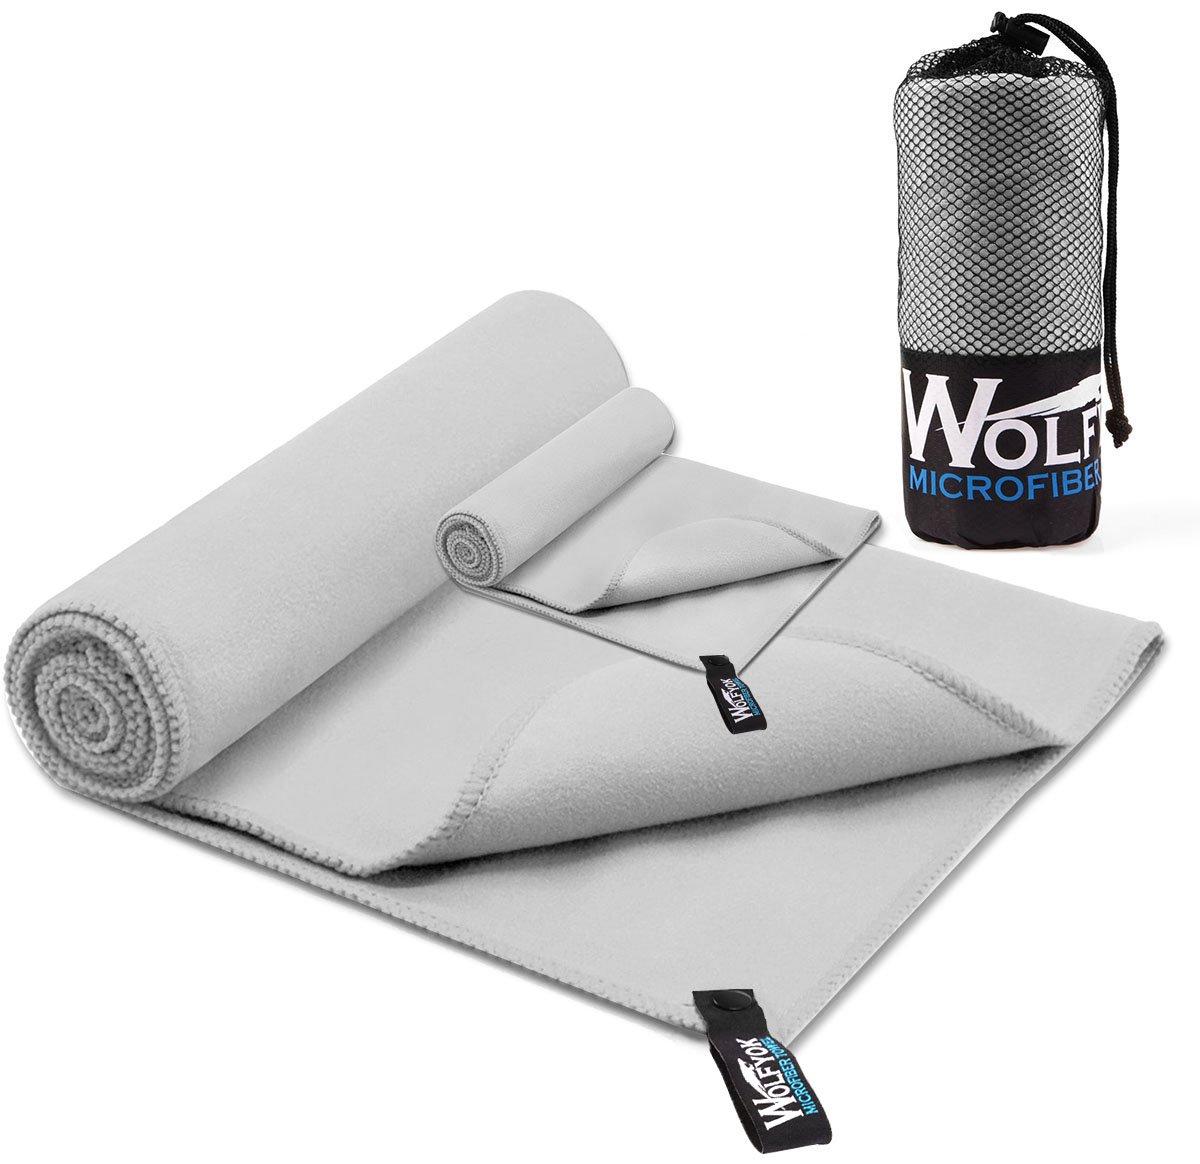 Wazzala Premium Microfiber Gym Towel